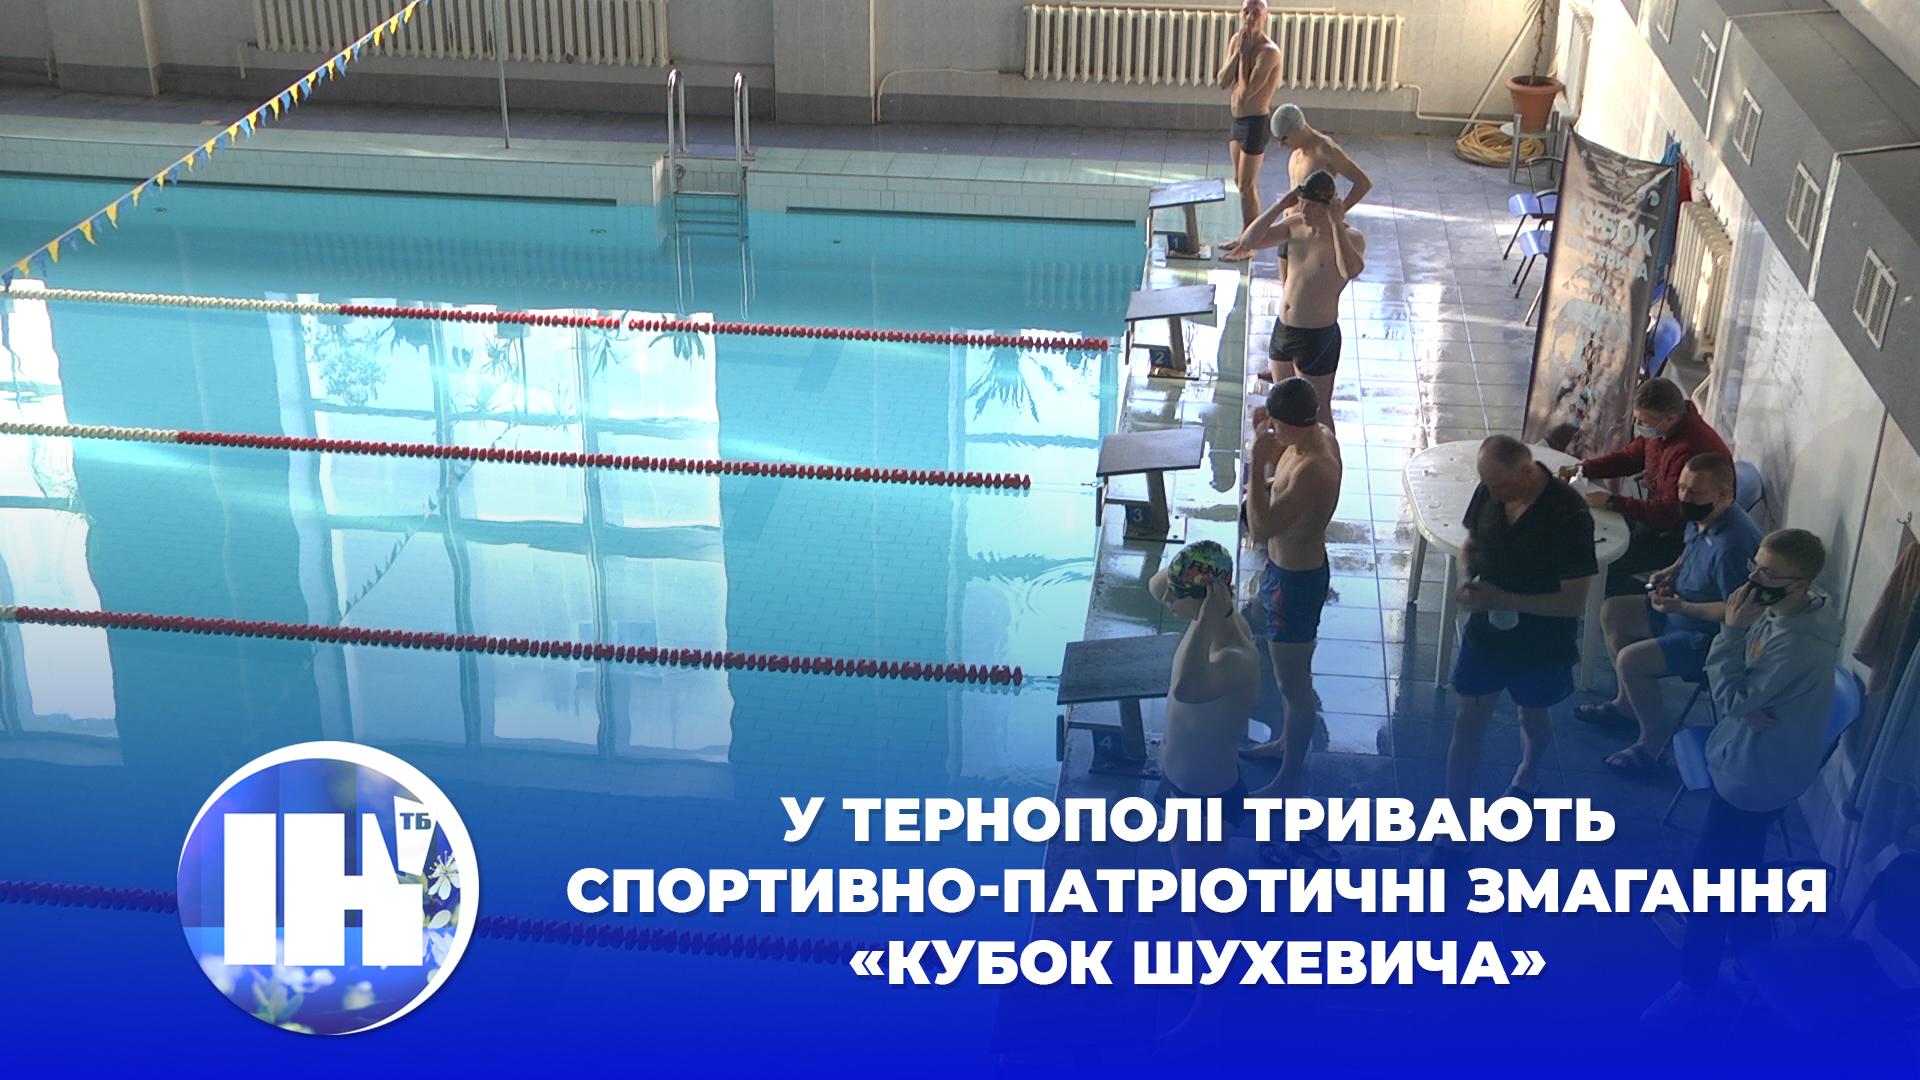 У Тернополі тривають спортивно-патріотичні змагання «Кубок Шухевича»